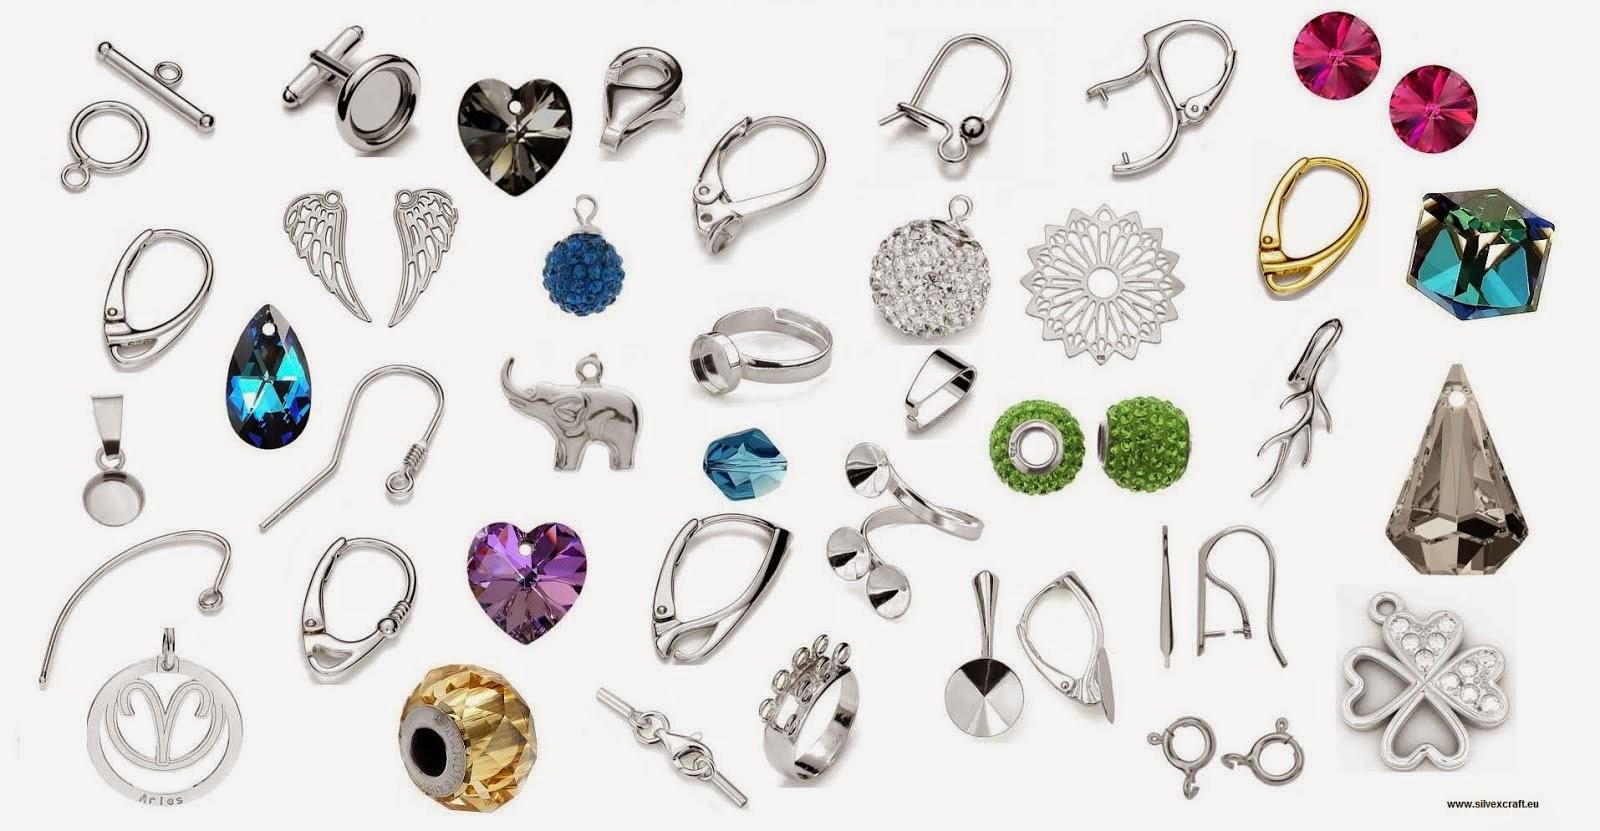 Componente de argint 925 - accesorii de argint 925 destinate crearii de bijuterii